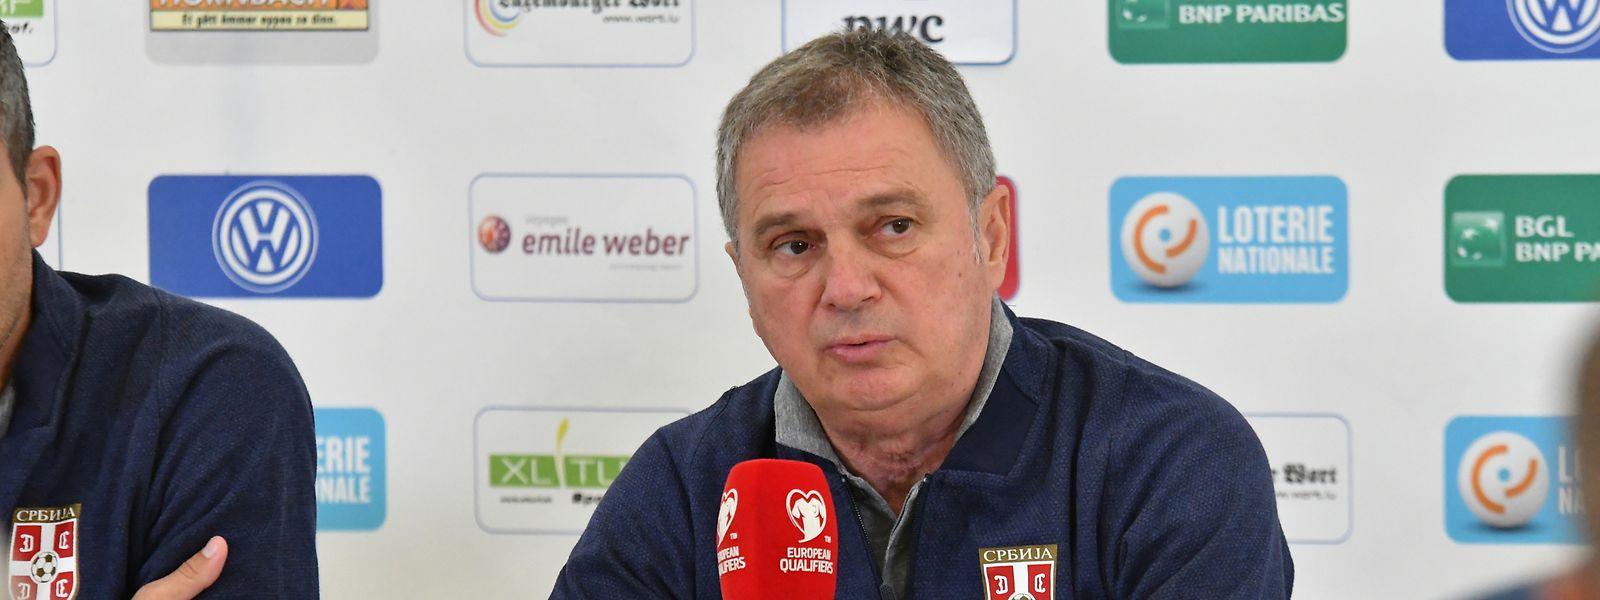 Ljubisa Tumbakovic hat Respekt vor der FLF-Auswahl.